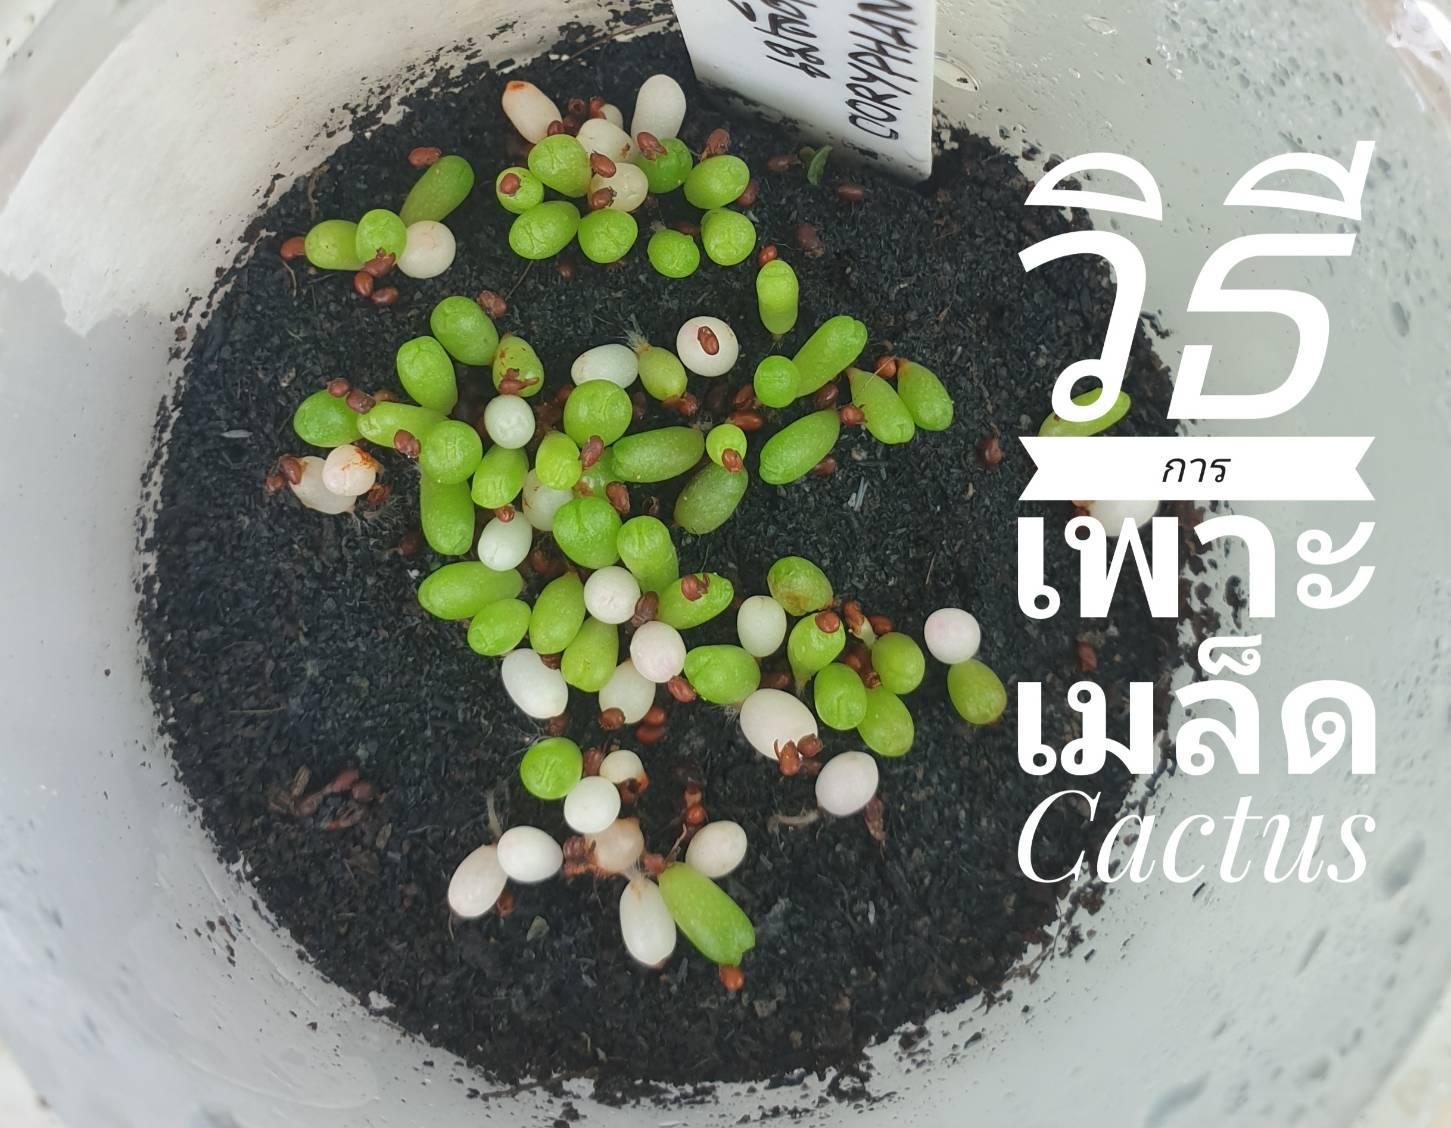 การเพาะเมล็ด Cactus คืออะไร